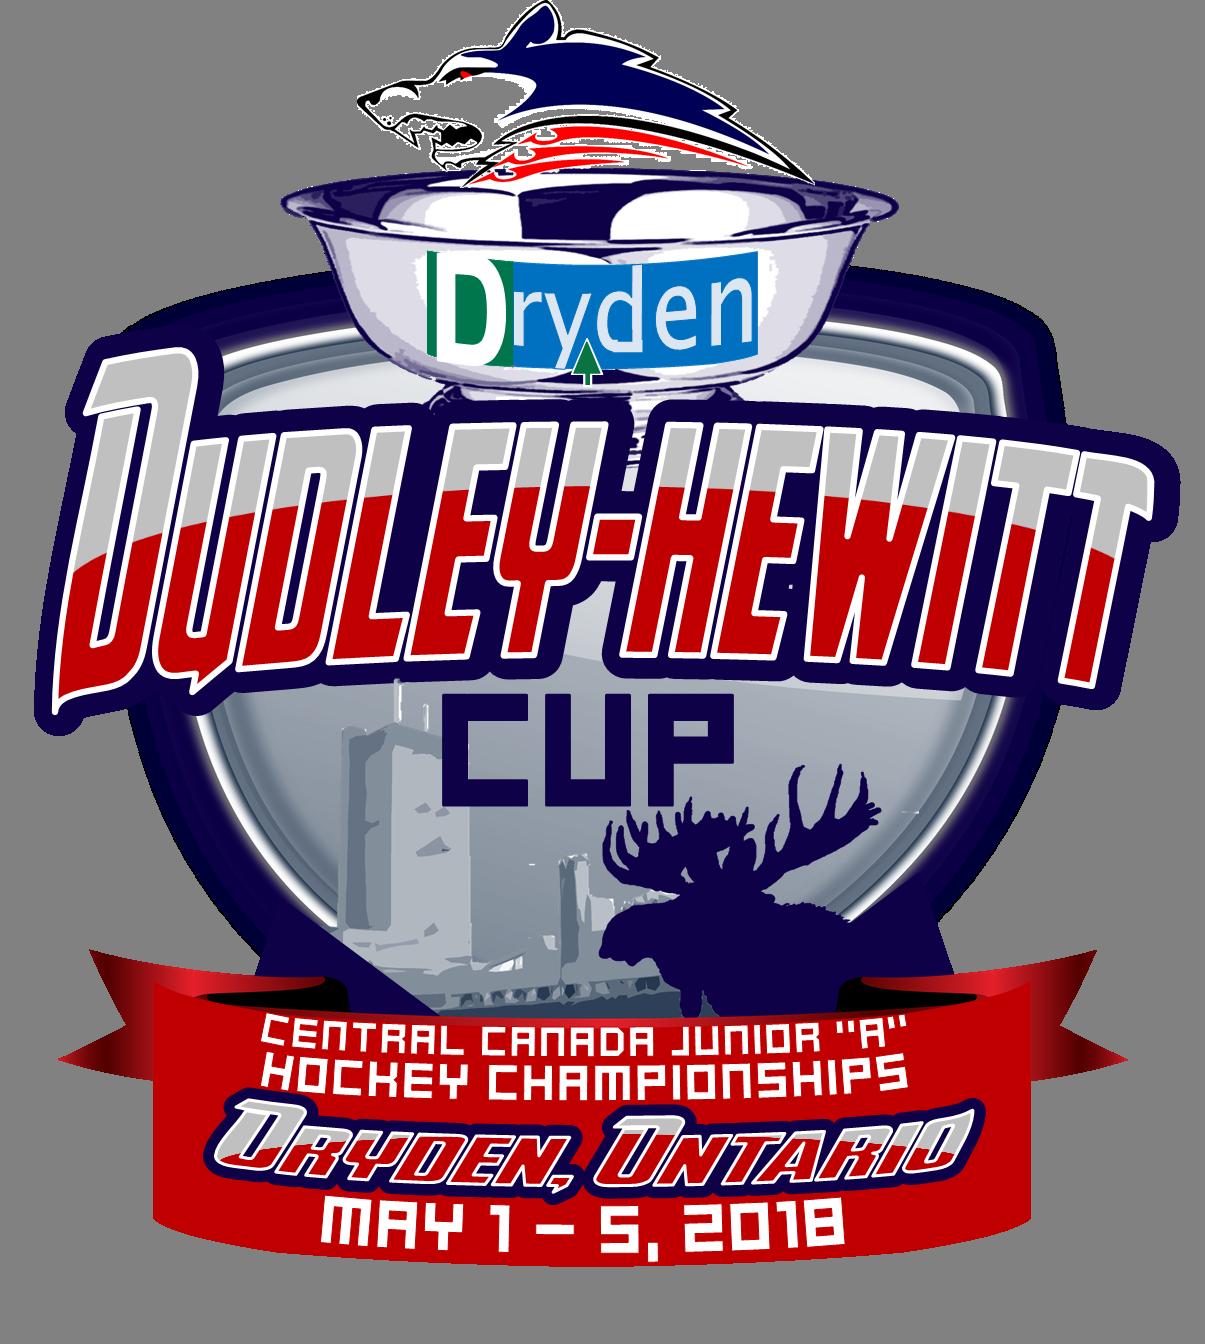 2018 Dudley Hewitt Cup